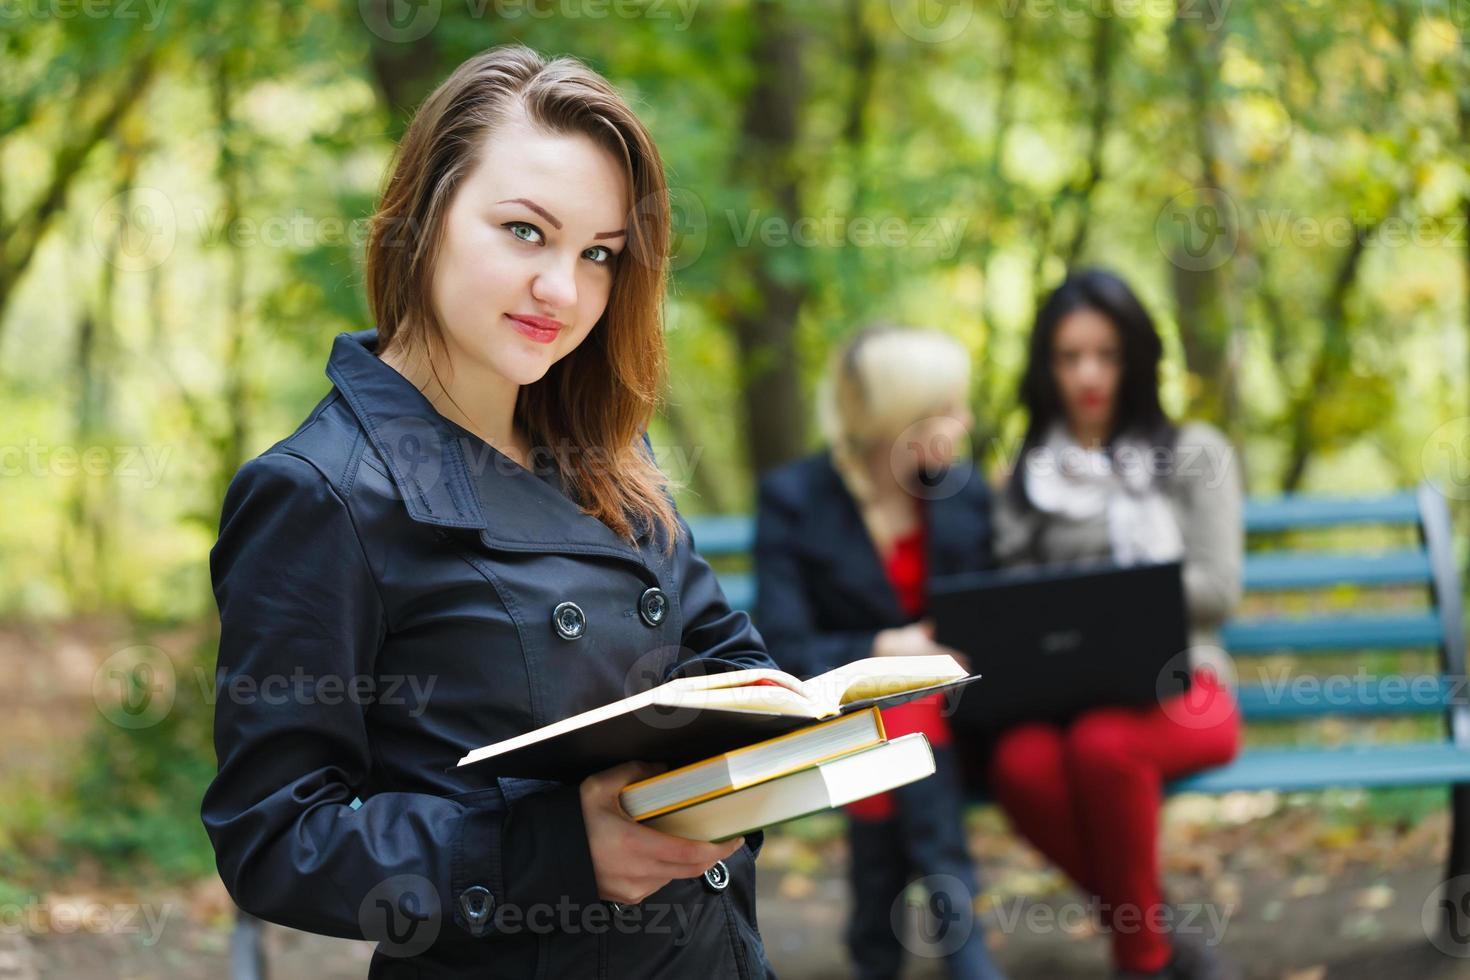 für Prüfungen studieren foto